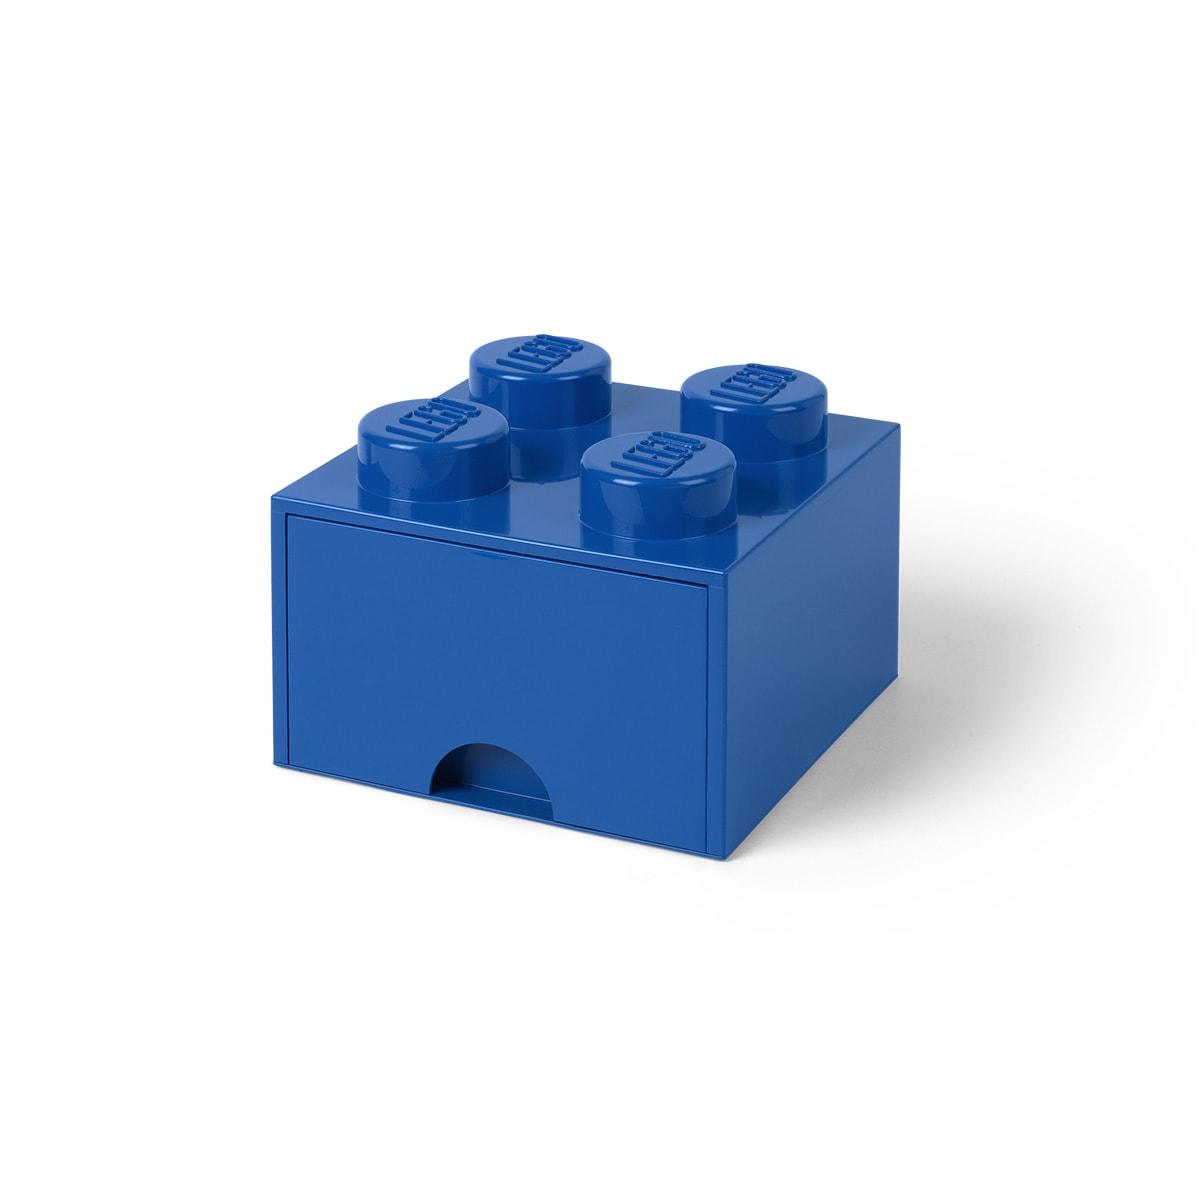 H 18 x L 25 x B 25 cm - Flot opbevaringsmulighed - Passer i alle rum